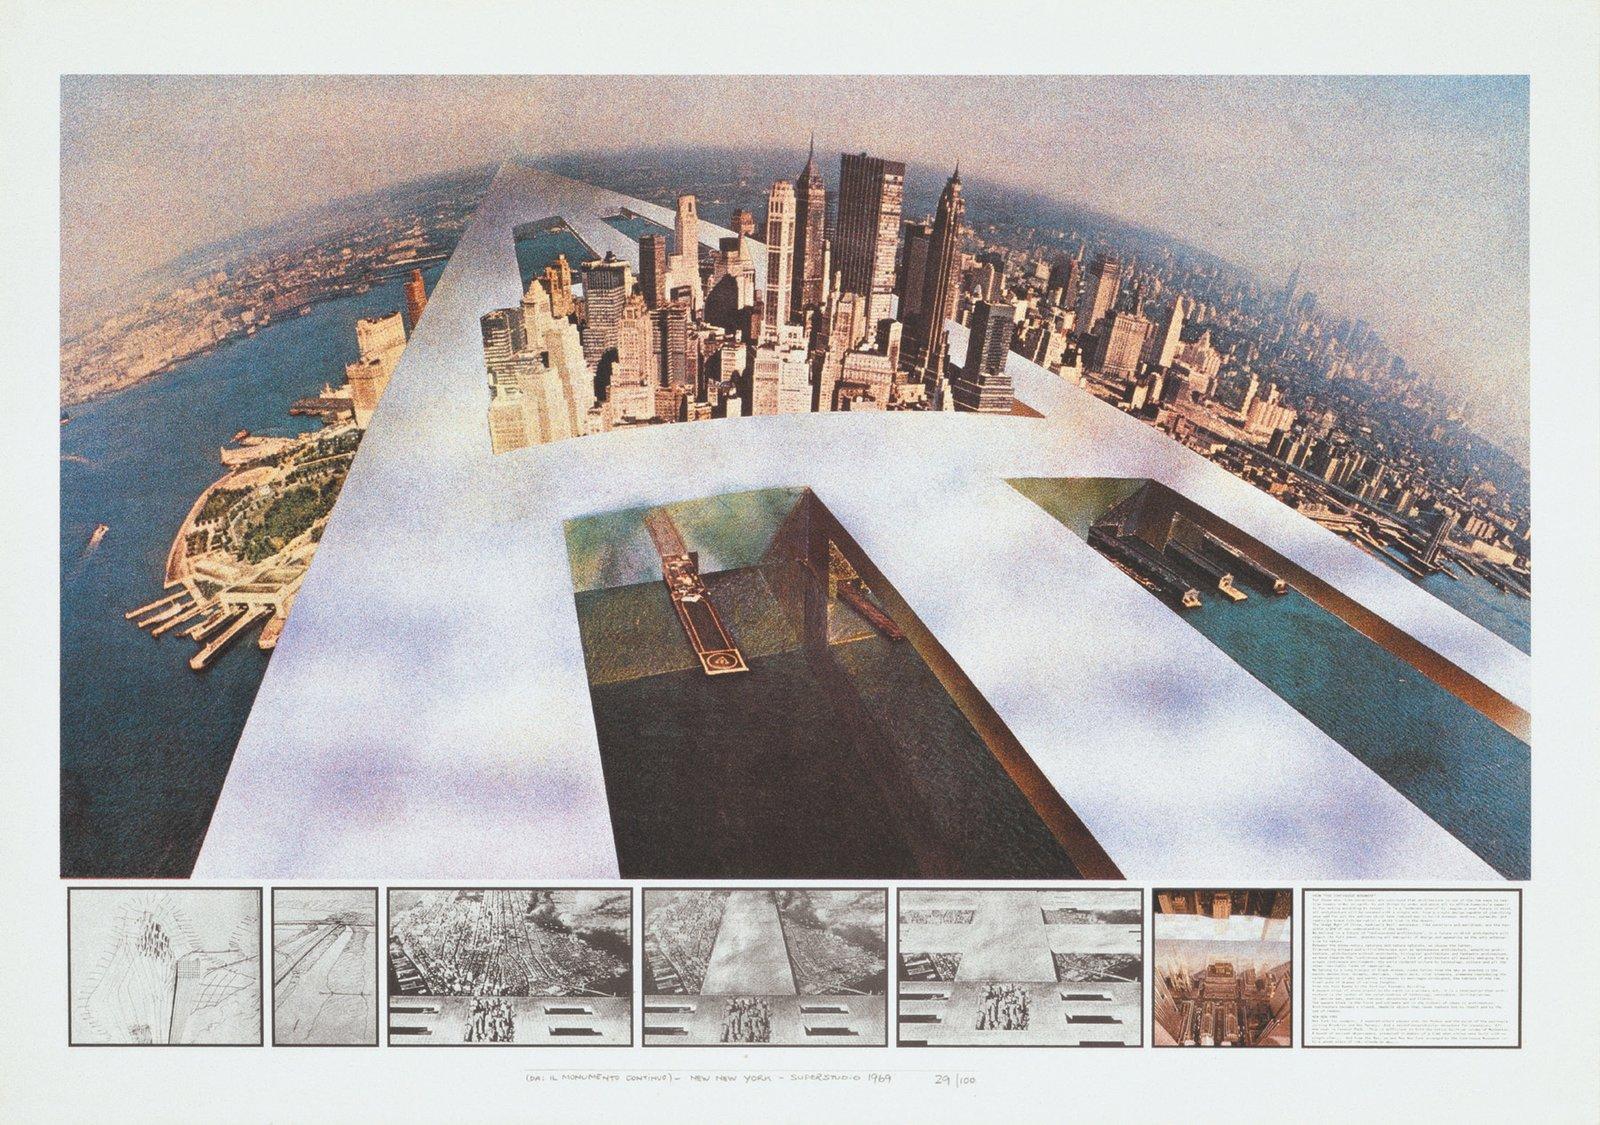 Superstudio, Continuous Monument  Free Radicals by Chris Deam